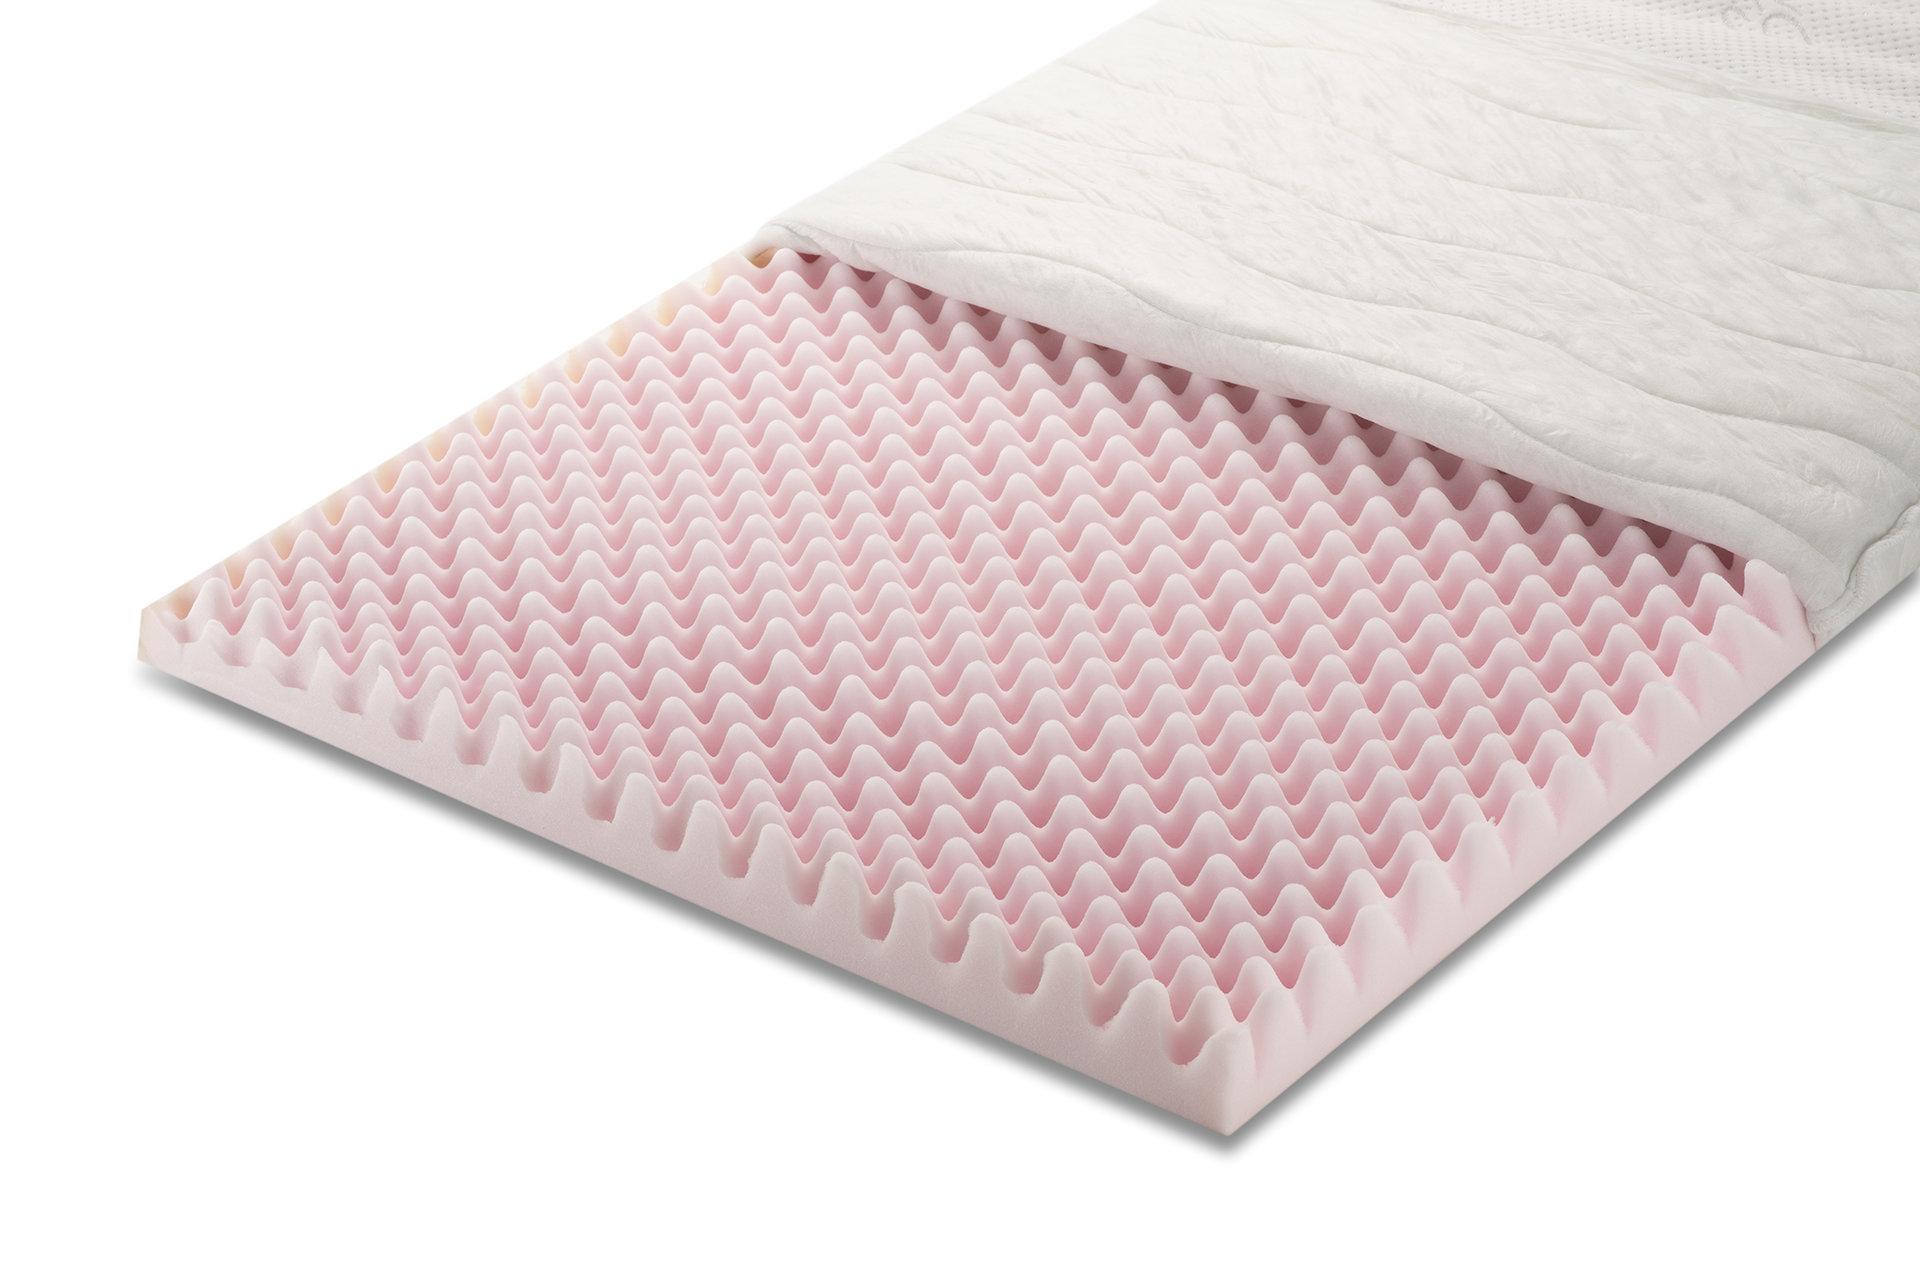 Топ матрак Antistress Silver - 7 см, профилирана полиуретанова пяна